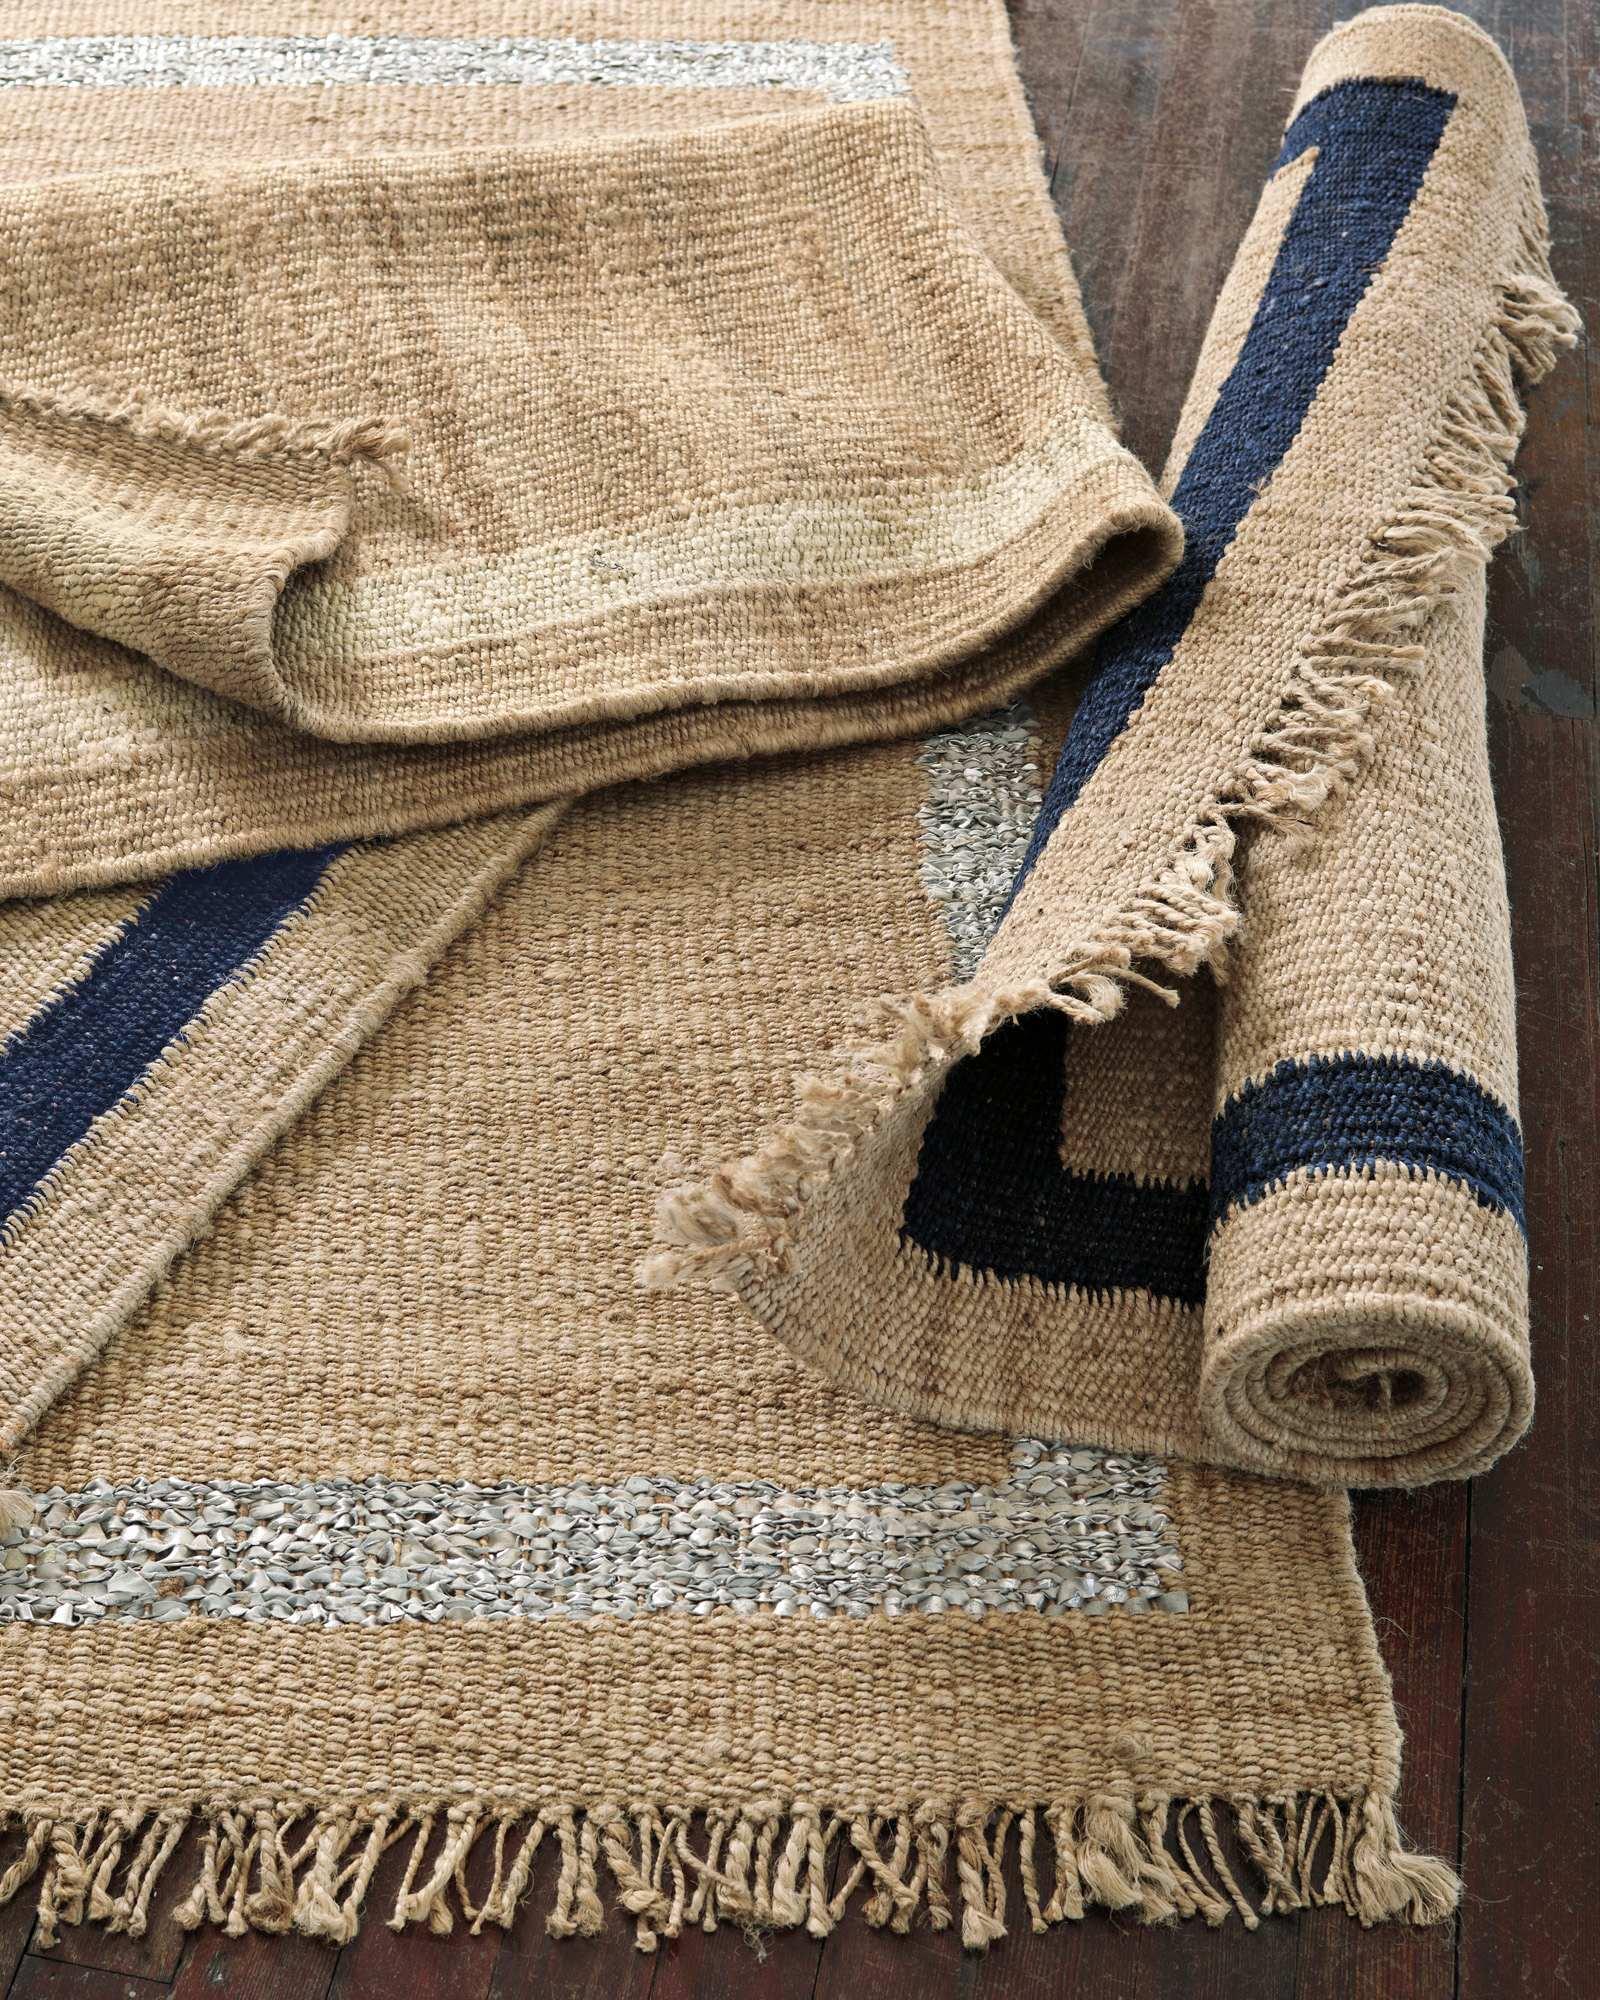 border rug-compressed